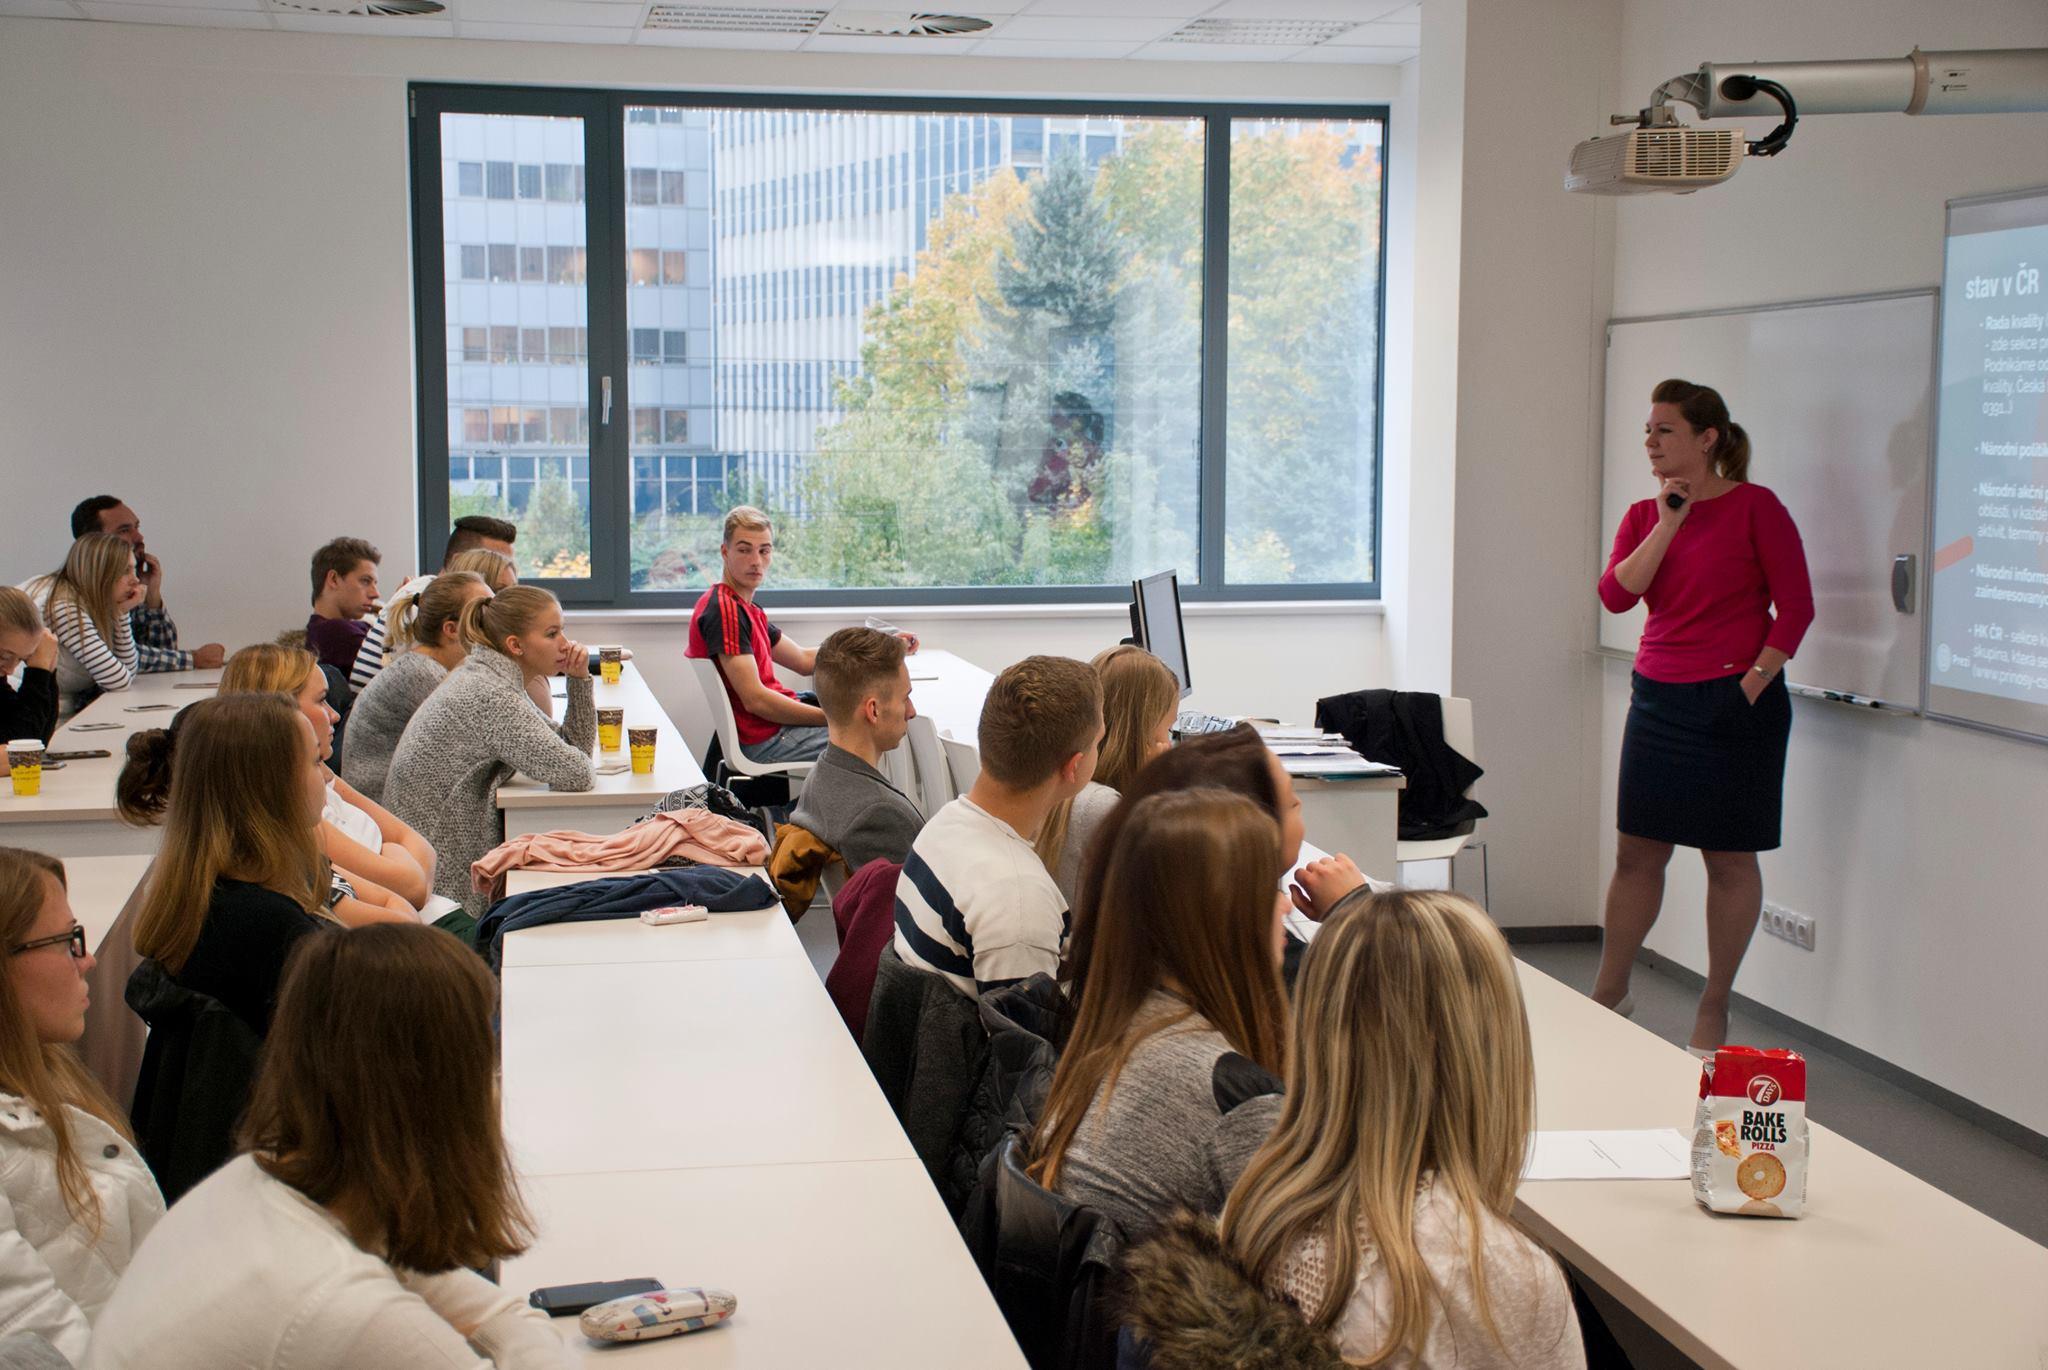 Úvod do CSR pro studenty Moravské vysoké školy Olomouc, o.p.s.